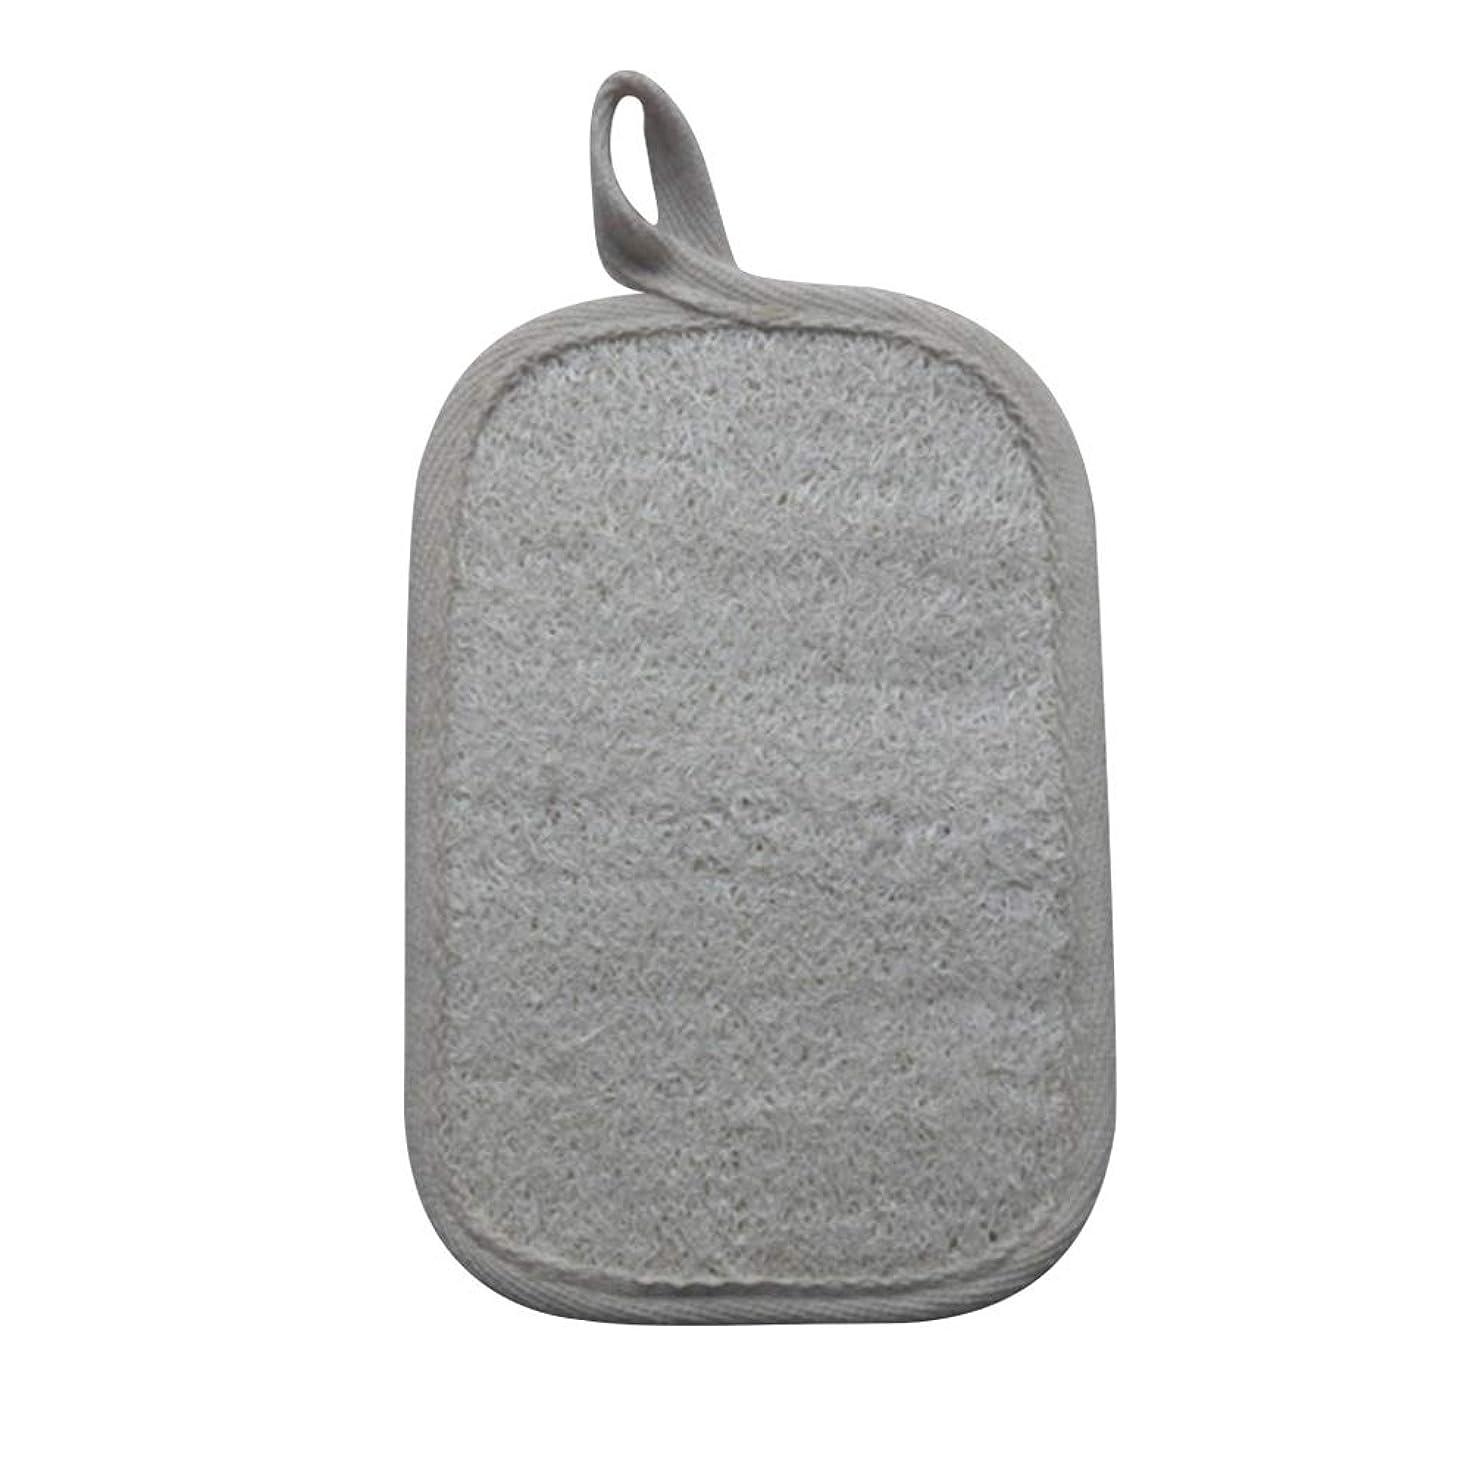 悲鳴モジュール安心させるHEALIFTY シャワーのための自然なLoofahのスポンジパッドの風呂の剥離Loofahのスポンジのスクラバー